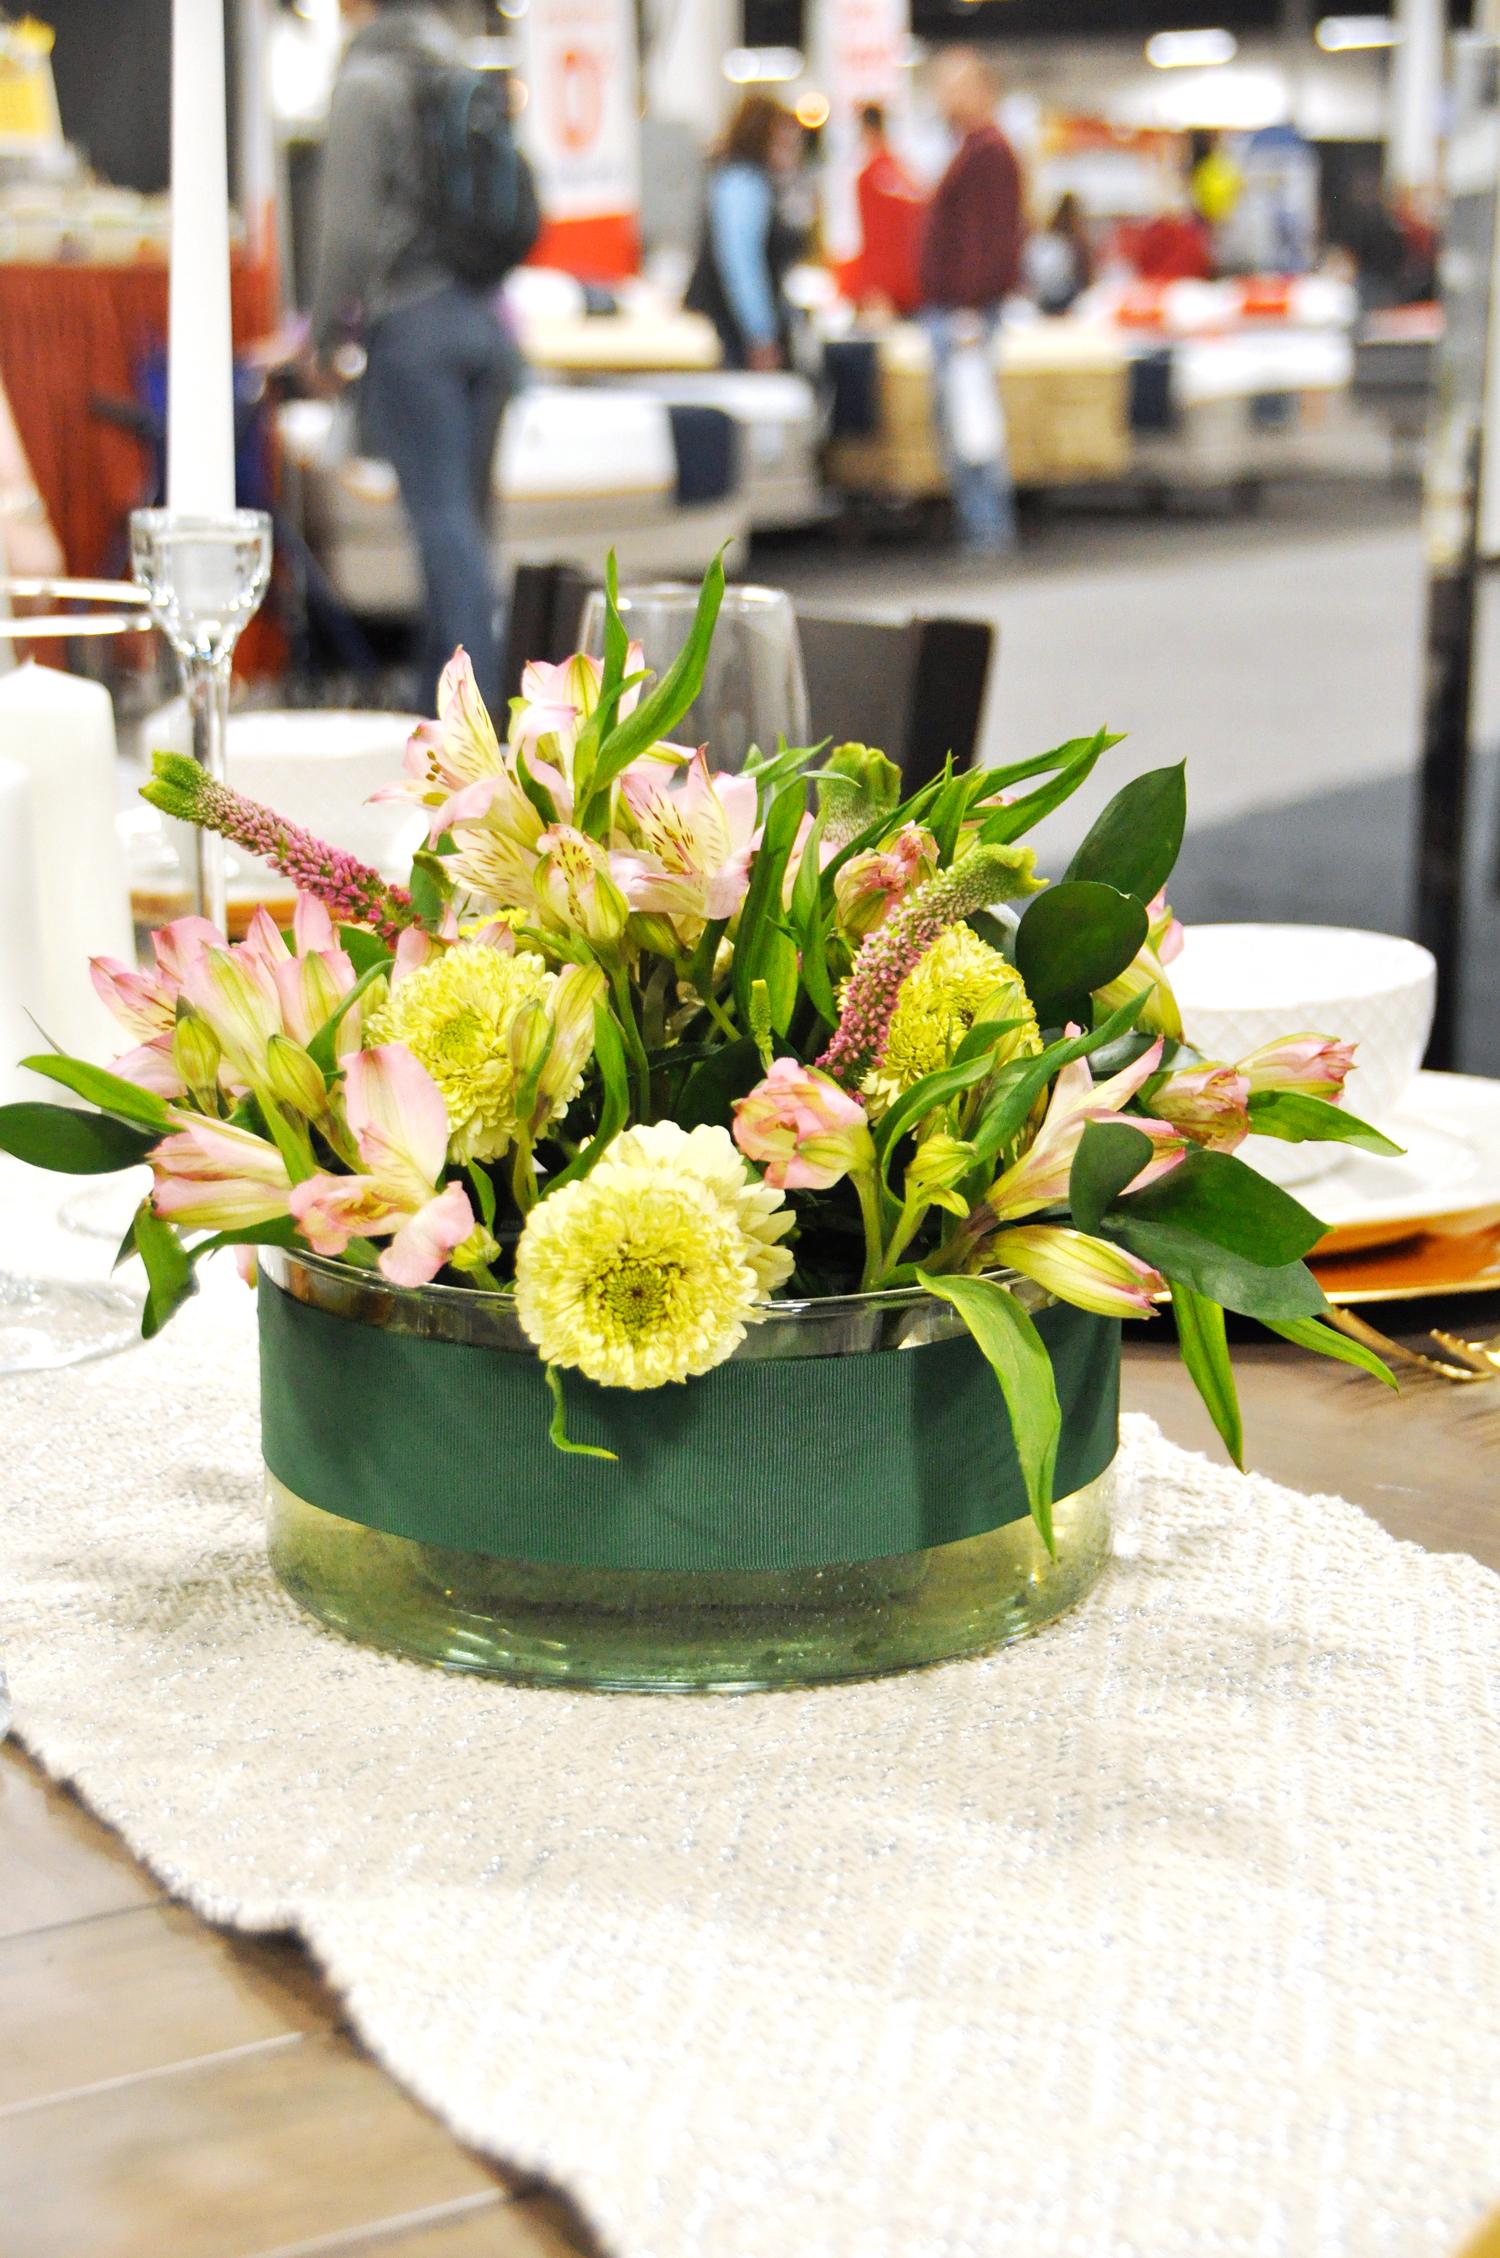 Home-Show-Feminine-Sophisticated-Elegant-Tablescape-Table-Setting-7.jpg